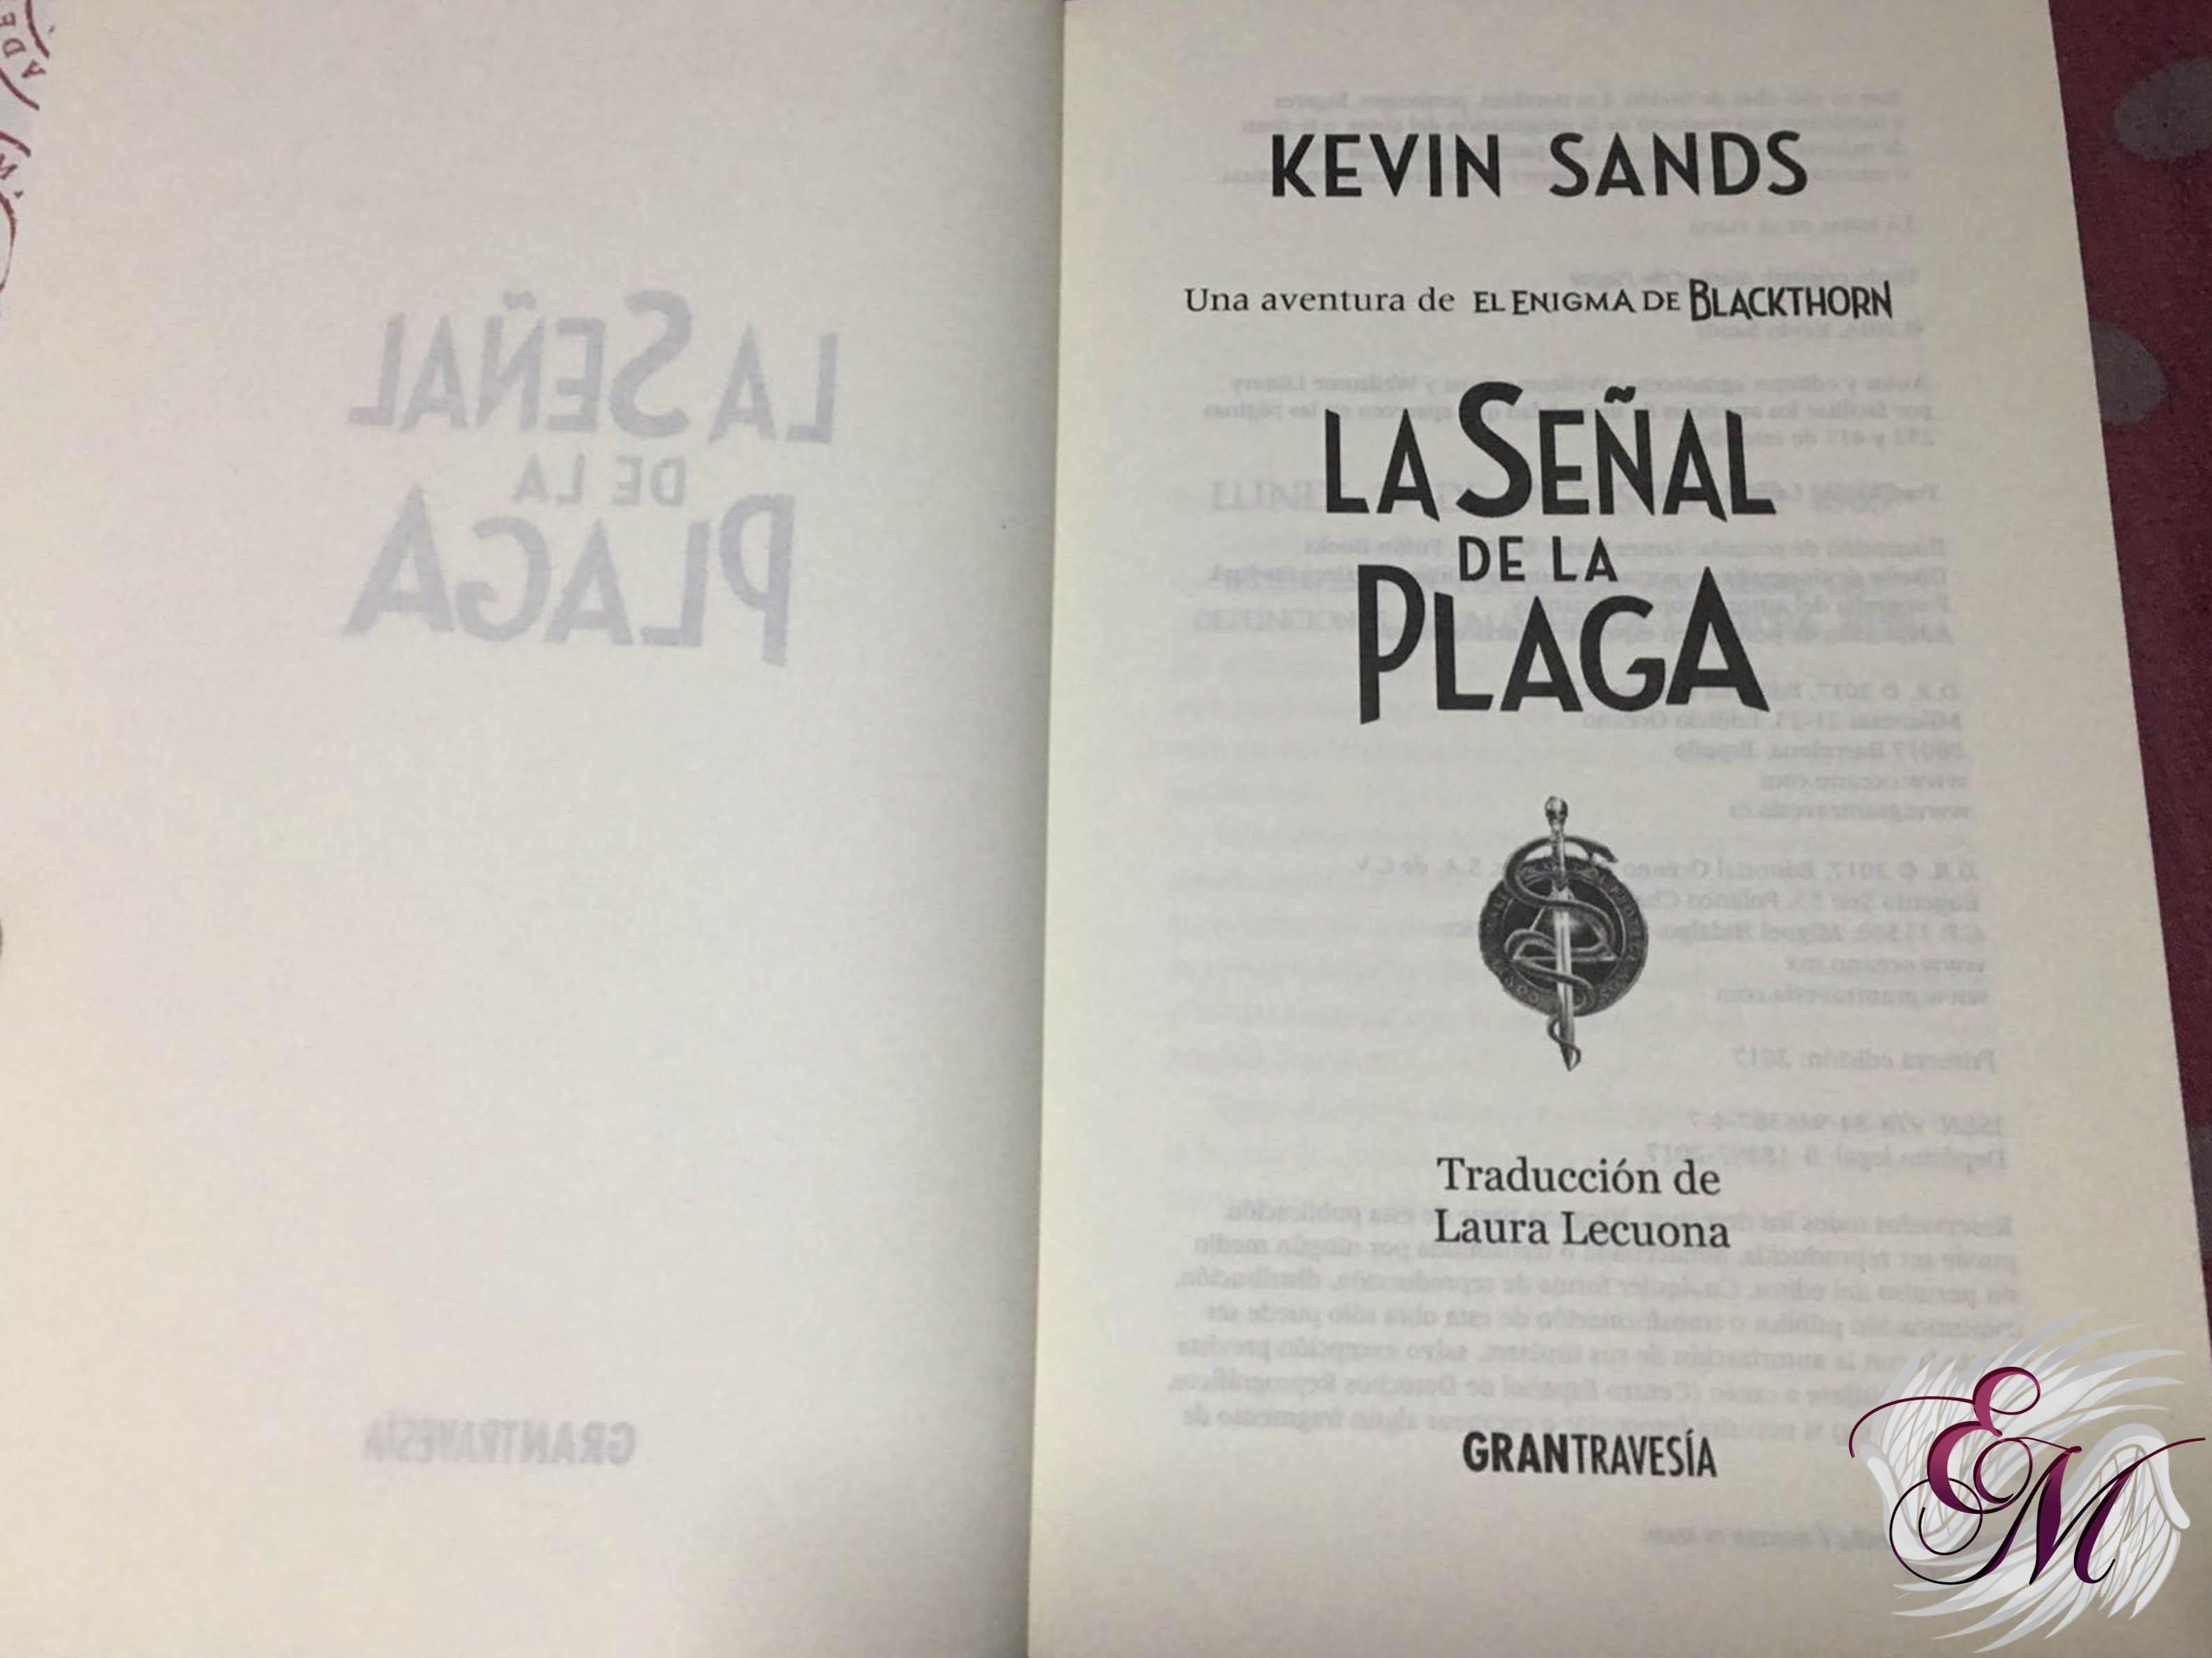 La señal de la plaga, de Kevin Sands - Reseña